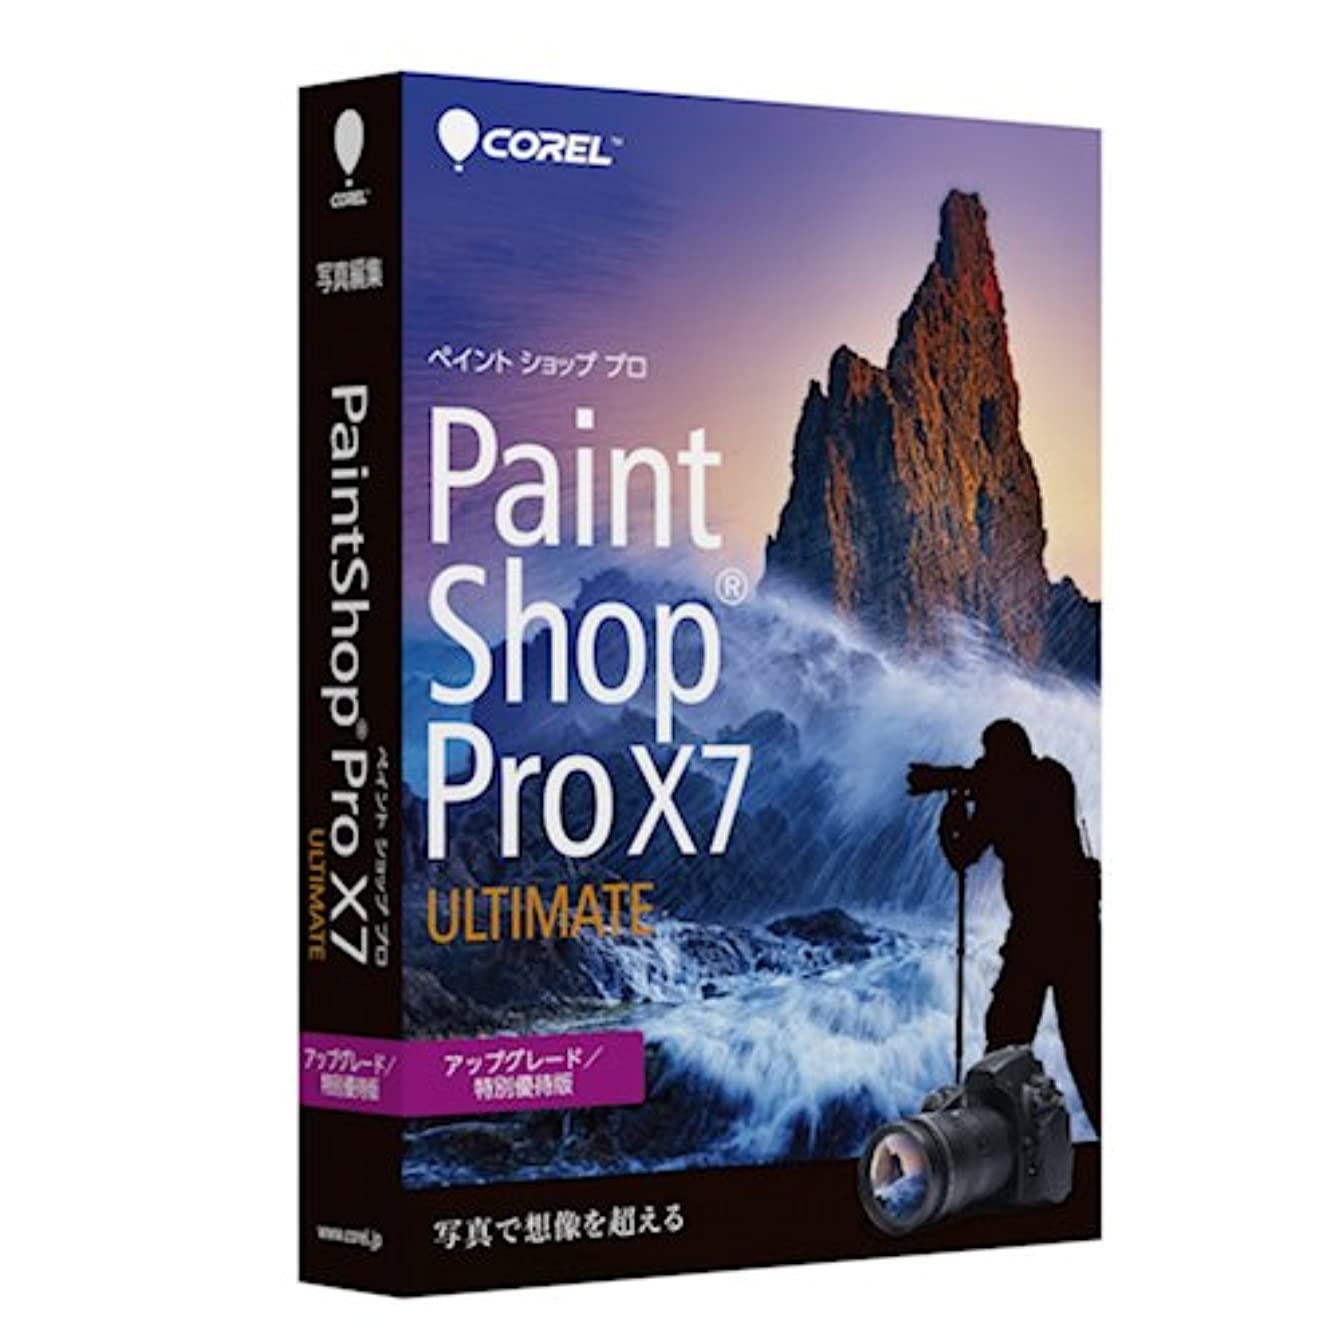 申請者ごみ属性Corel PaintShop Pro X7 Ultimate アップグレード/特別優待版